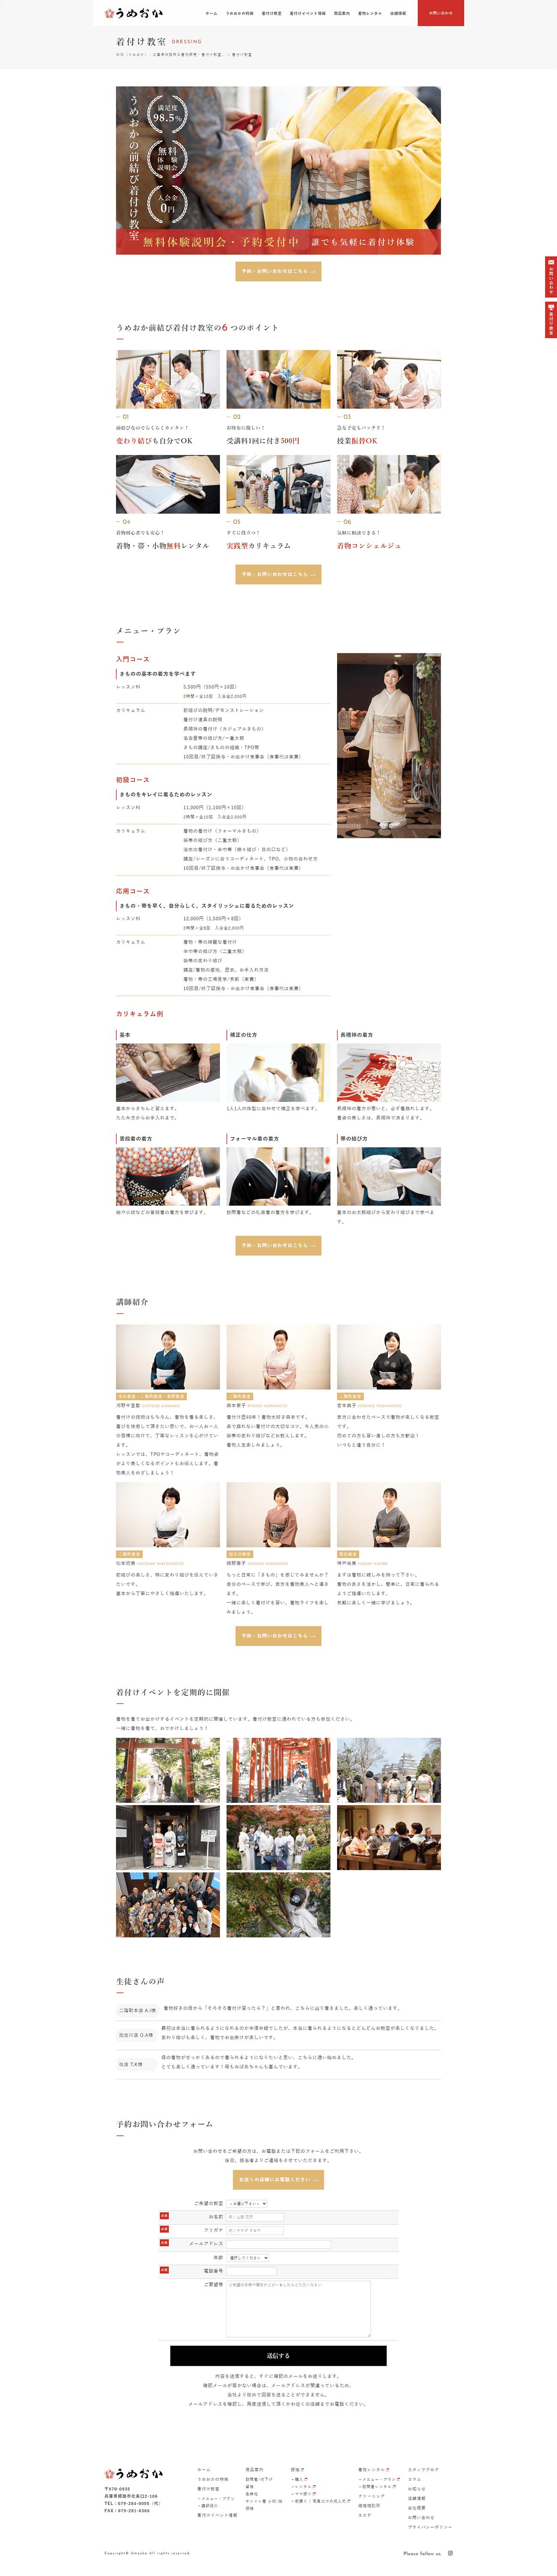 梅岡株式会社 ホームページ制作2